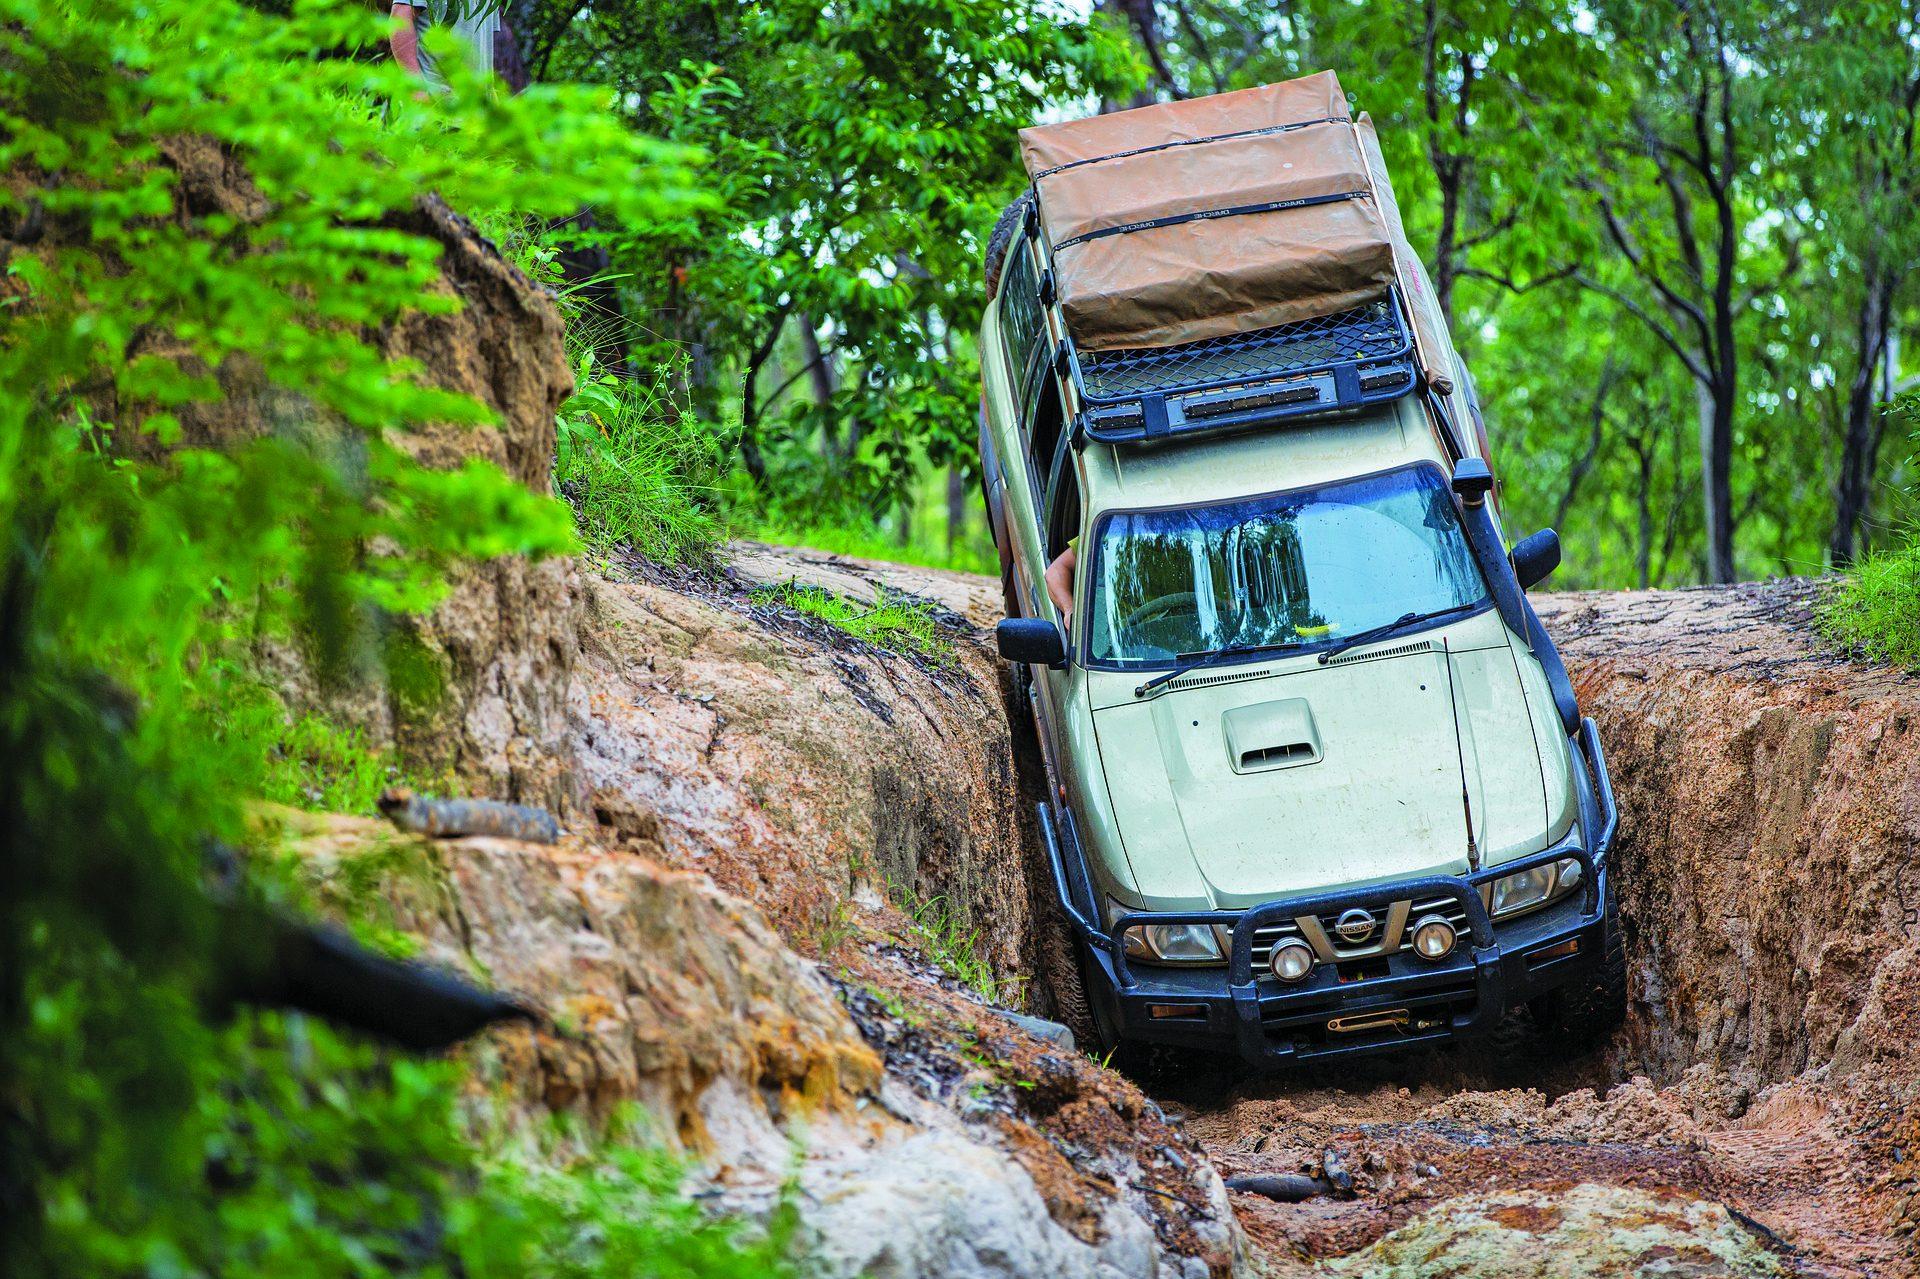 車, すべての地形, ピット, 難易度, リスク, 冒険 - HD の壁紙 - 教授-falken.com